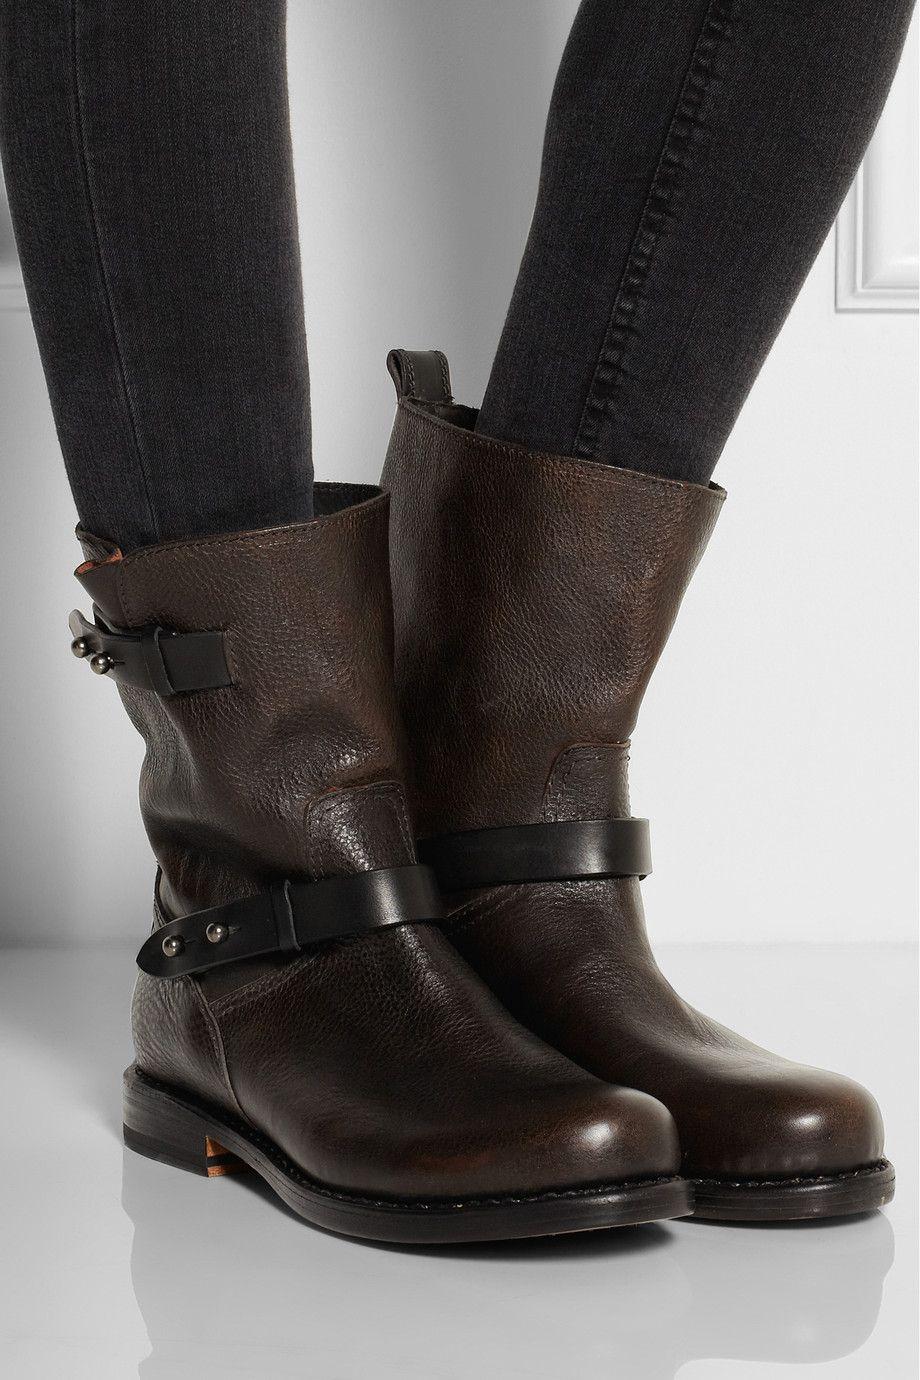 Dark Brown Textured Leather Biker Boots Rag Bone Leather Biker Boots Biker Boots Boots